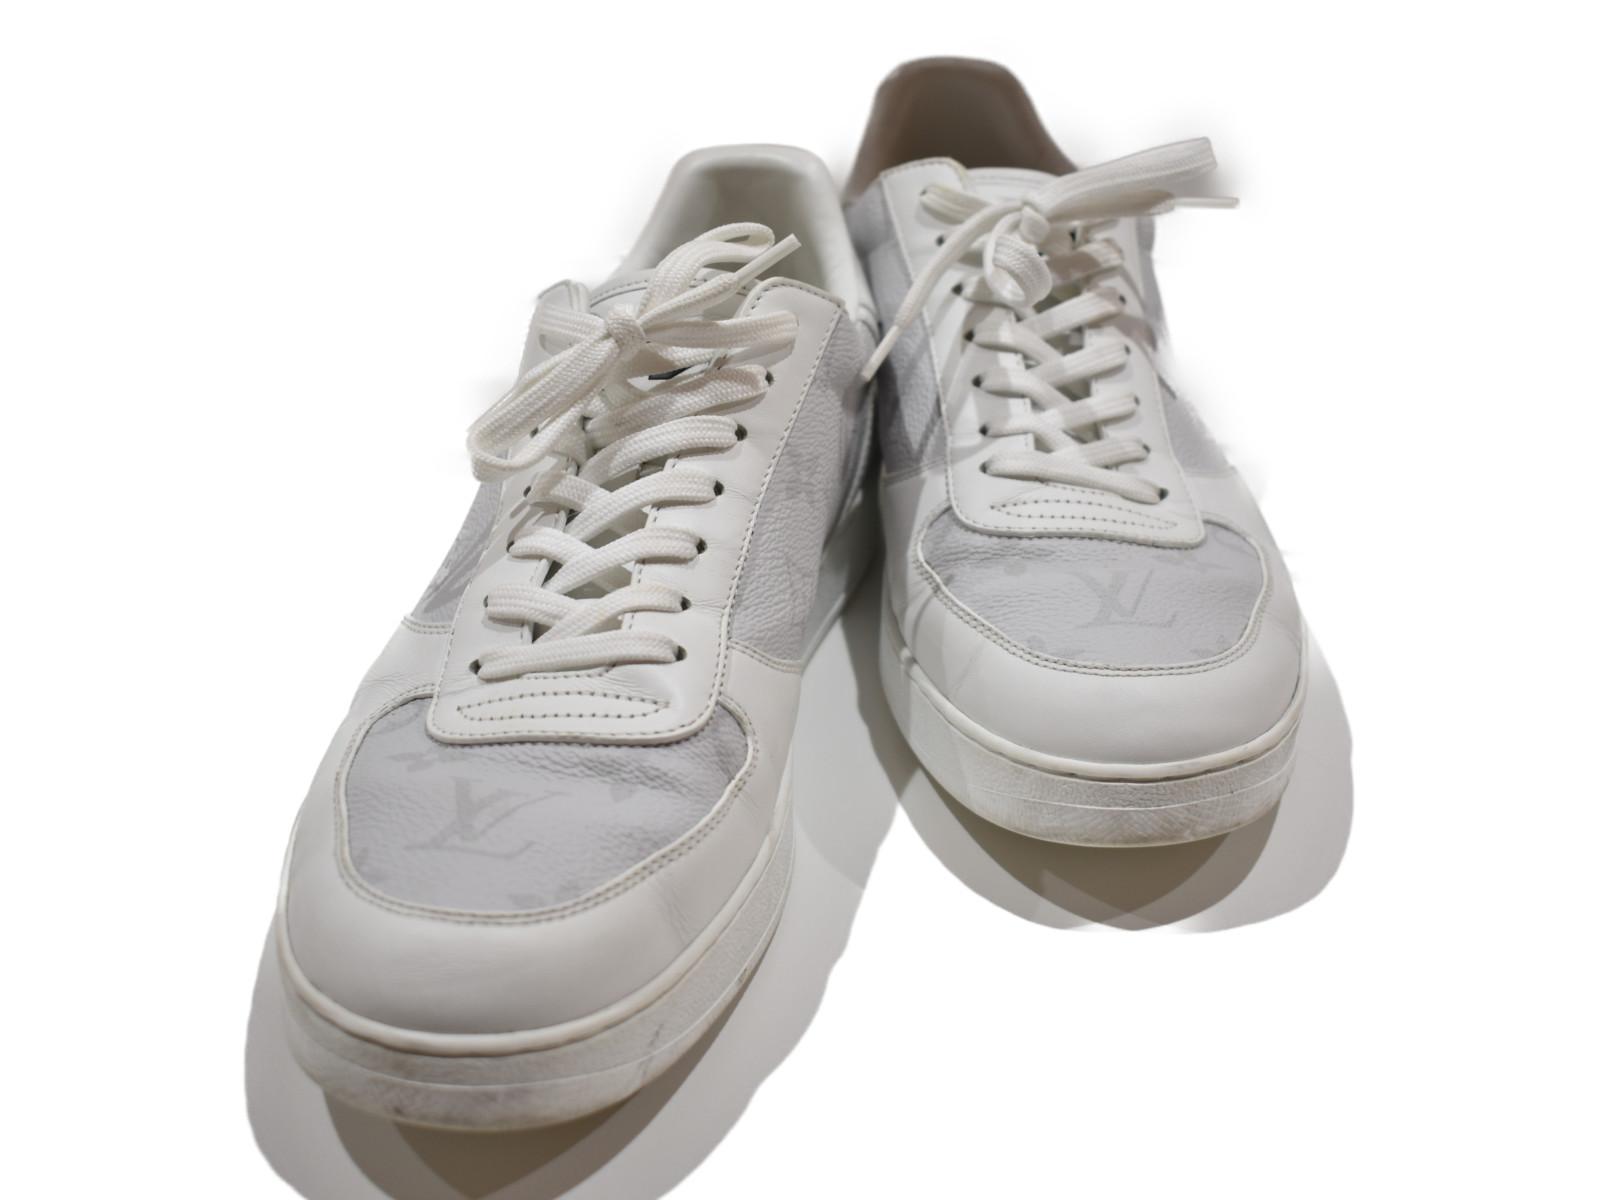 【中古品★】 LOUISVUITTONリヴォリ・ライン スニーカー 1A5HW6 ホワイト   スニーカー 靴 ホワイト ユニセックス 人気 中古  【中古】